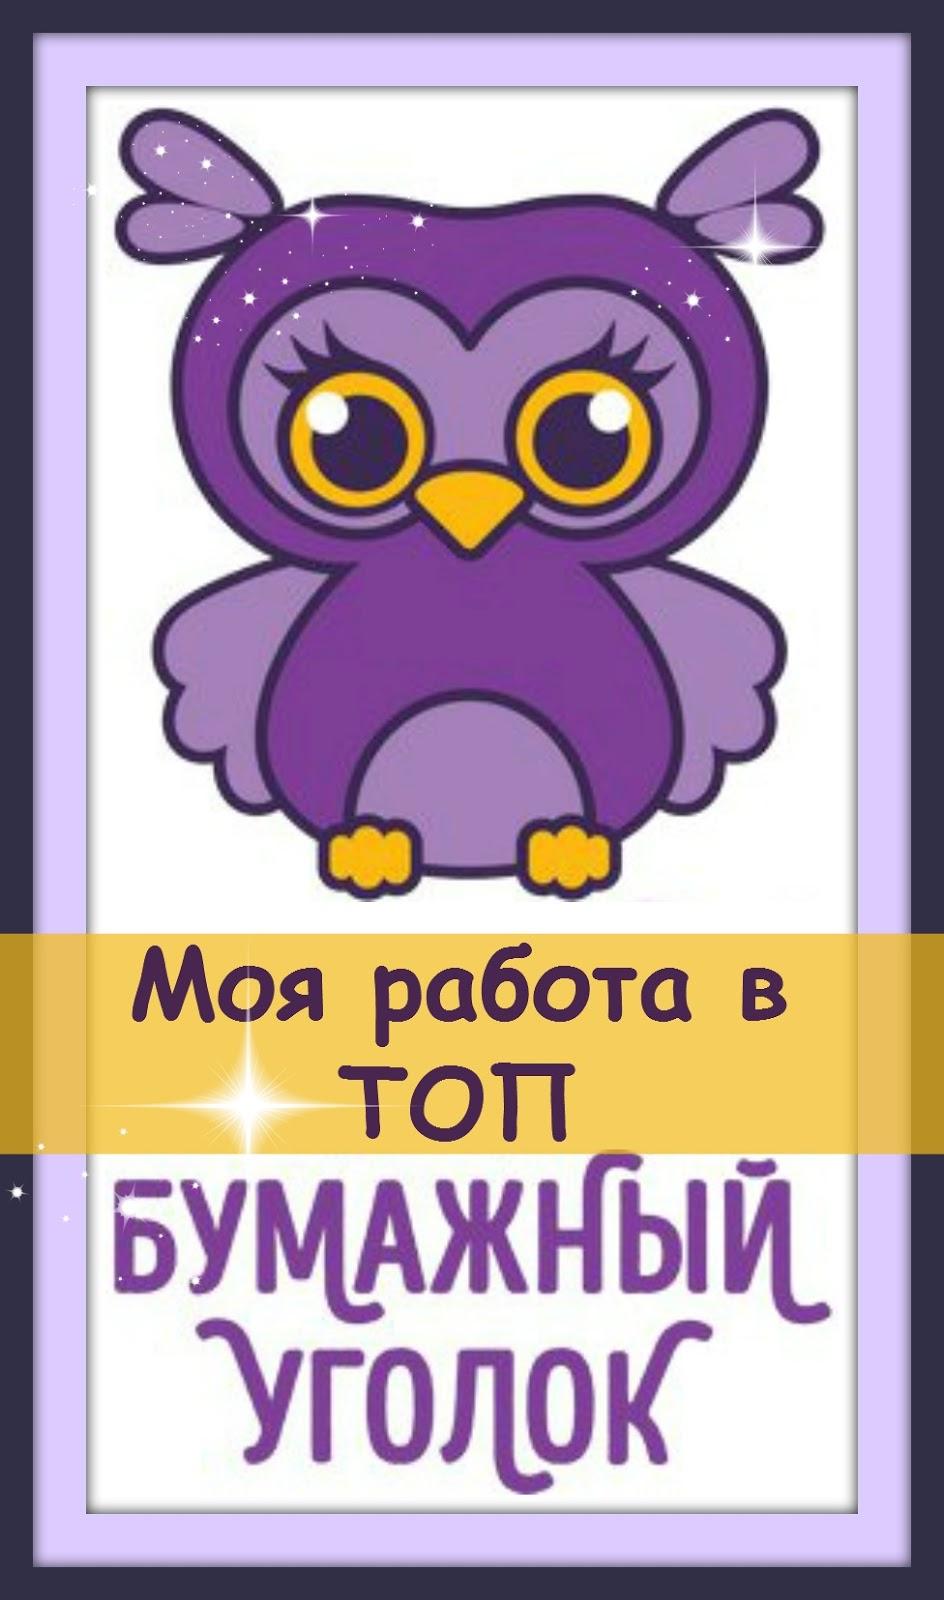 """Мой альбом """"Облако"""" в ТОПе"""